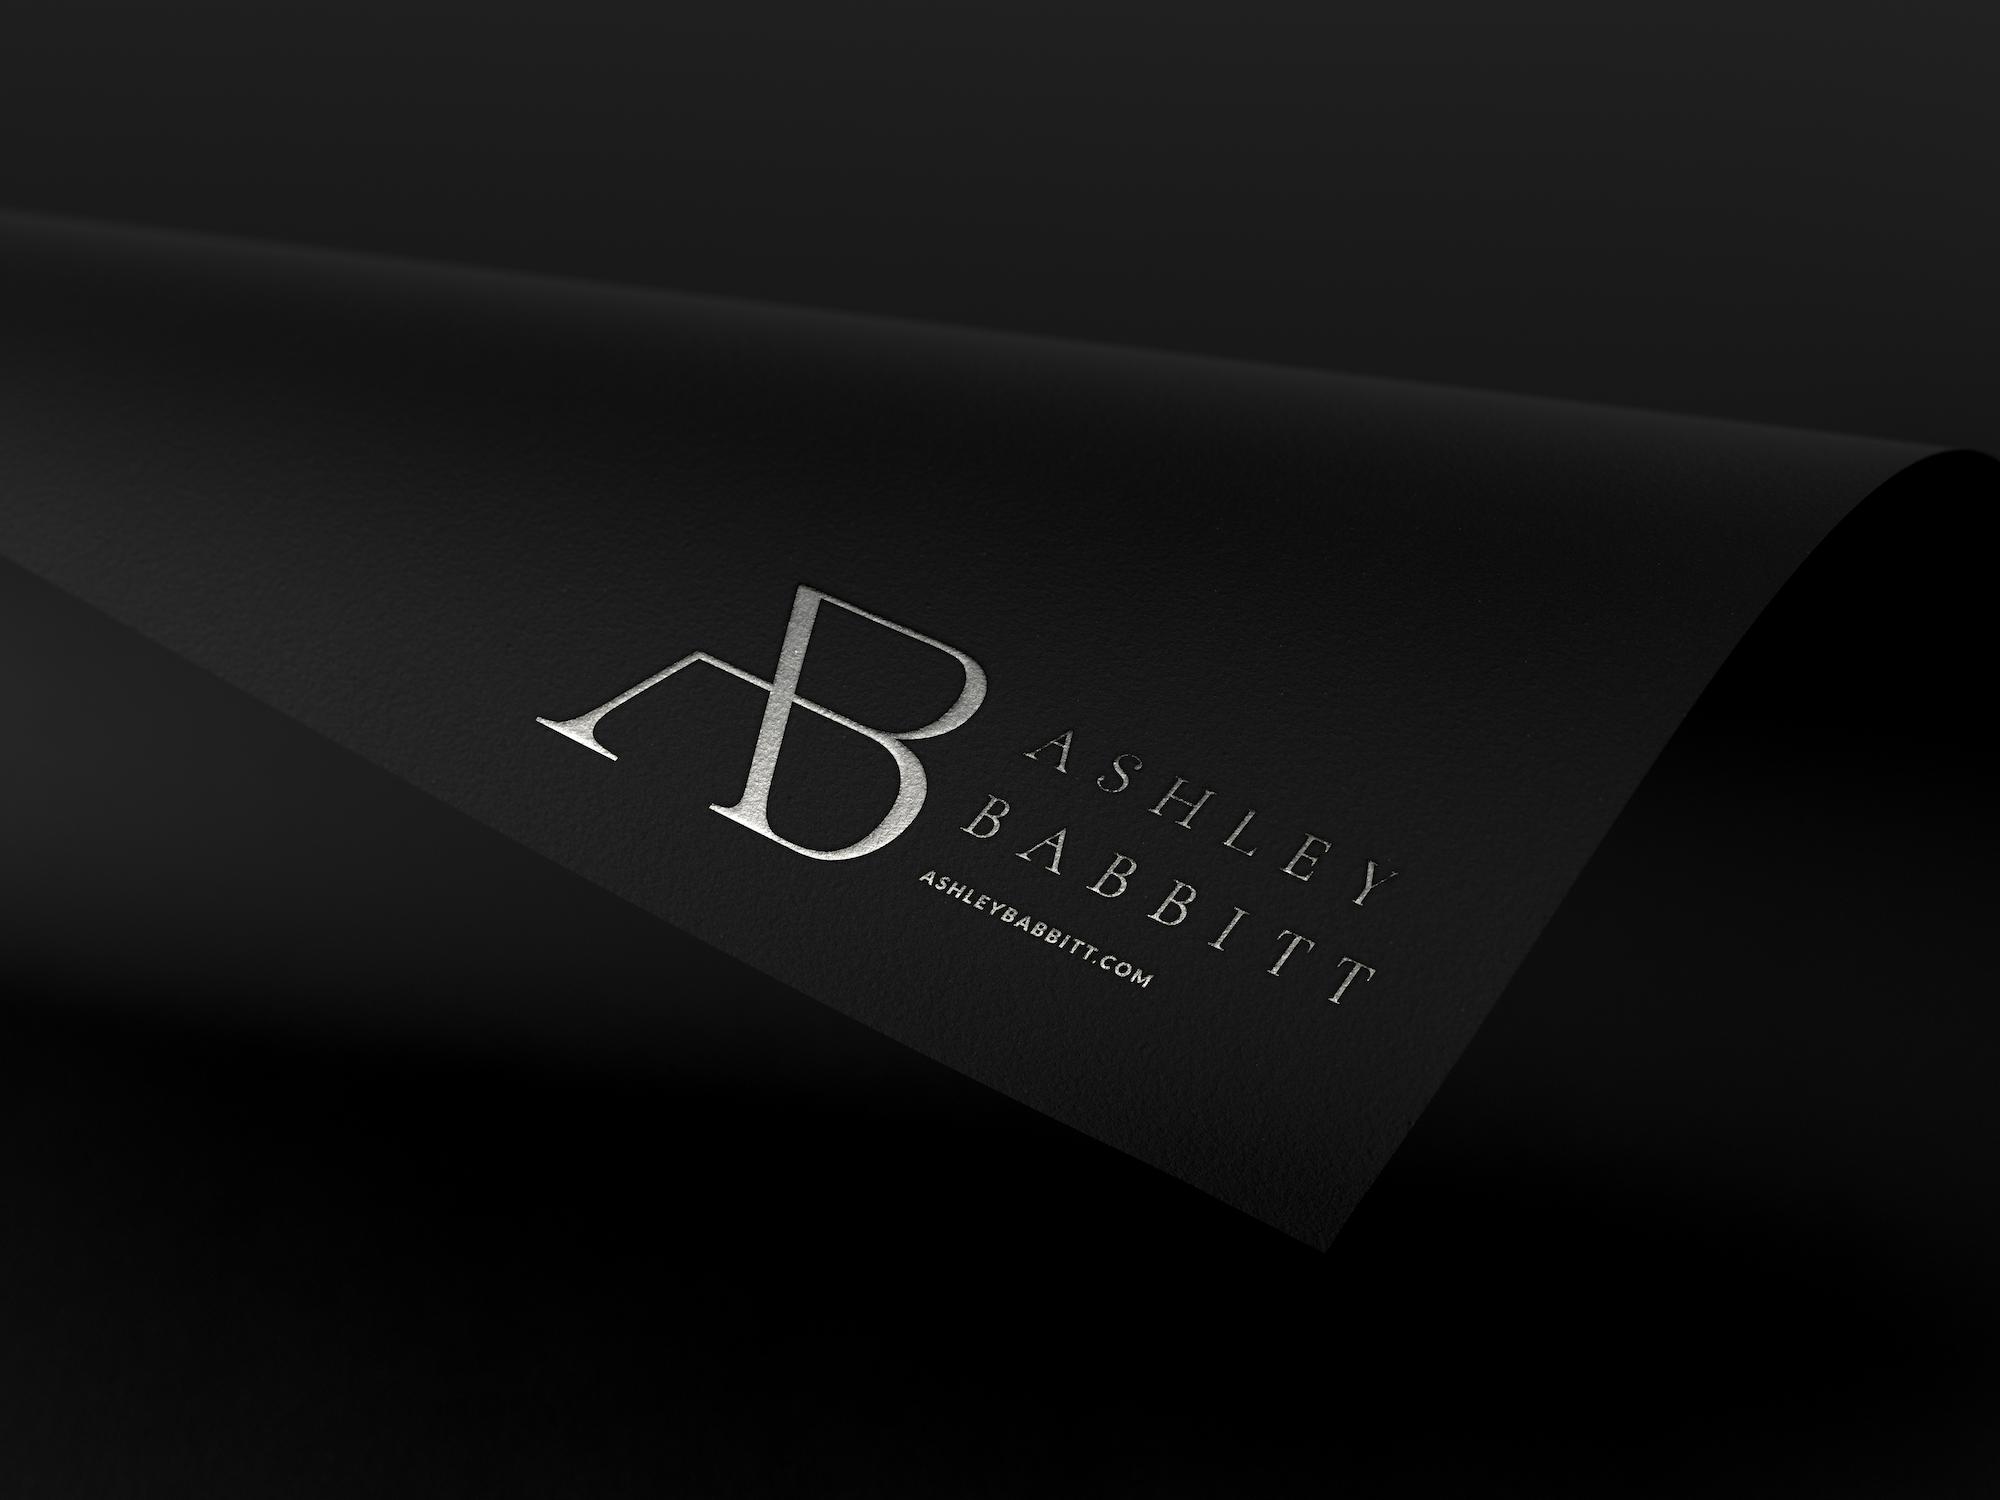 Ashley-Babbitt-Letterpress-Branding-Business-Card-Treadaway-Co.png